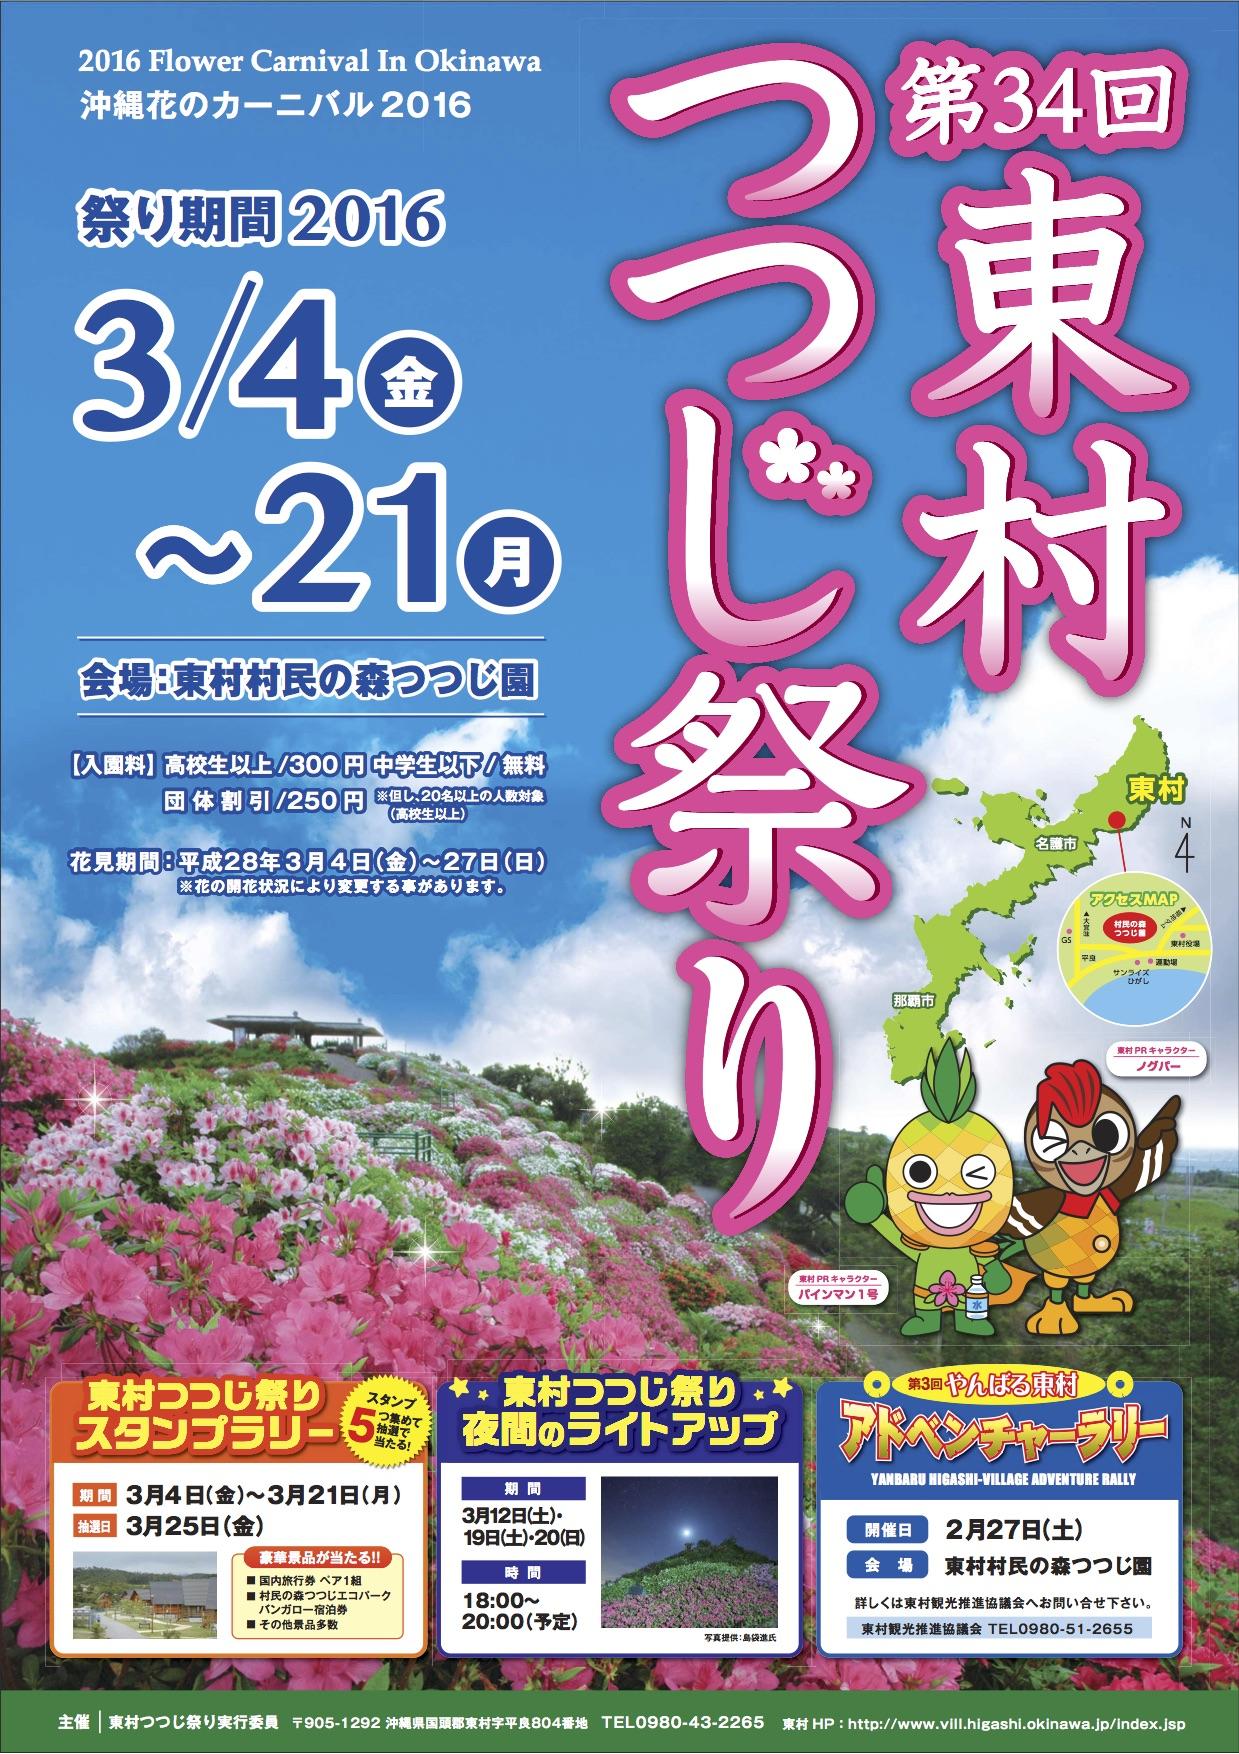 東村イベント情報~つつじ祭り~